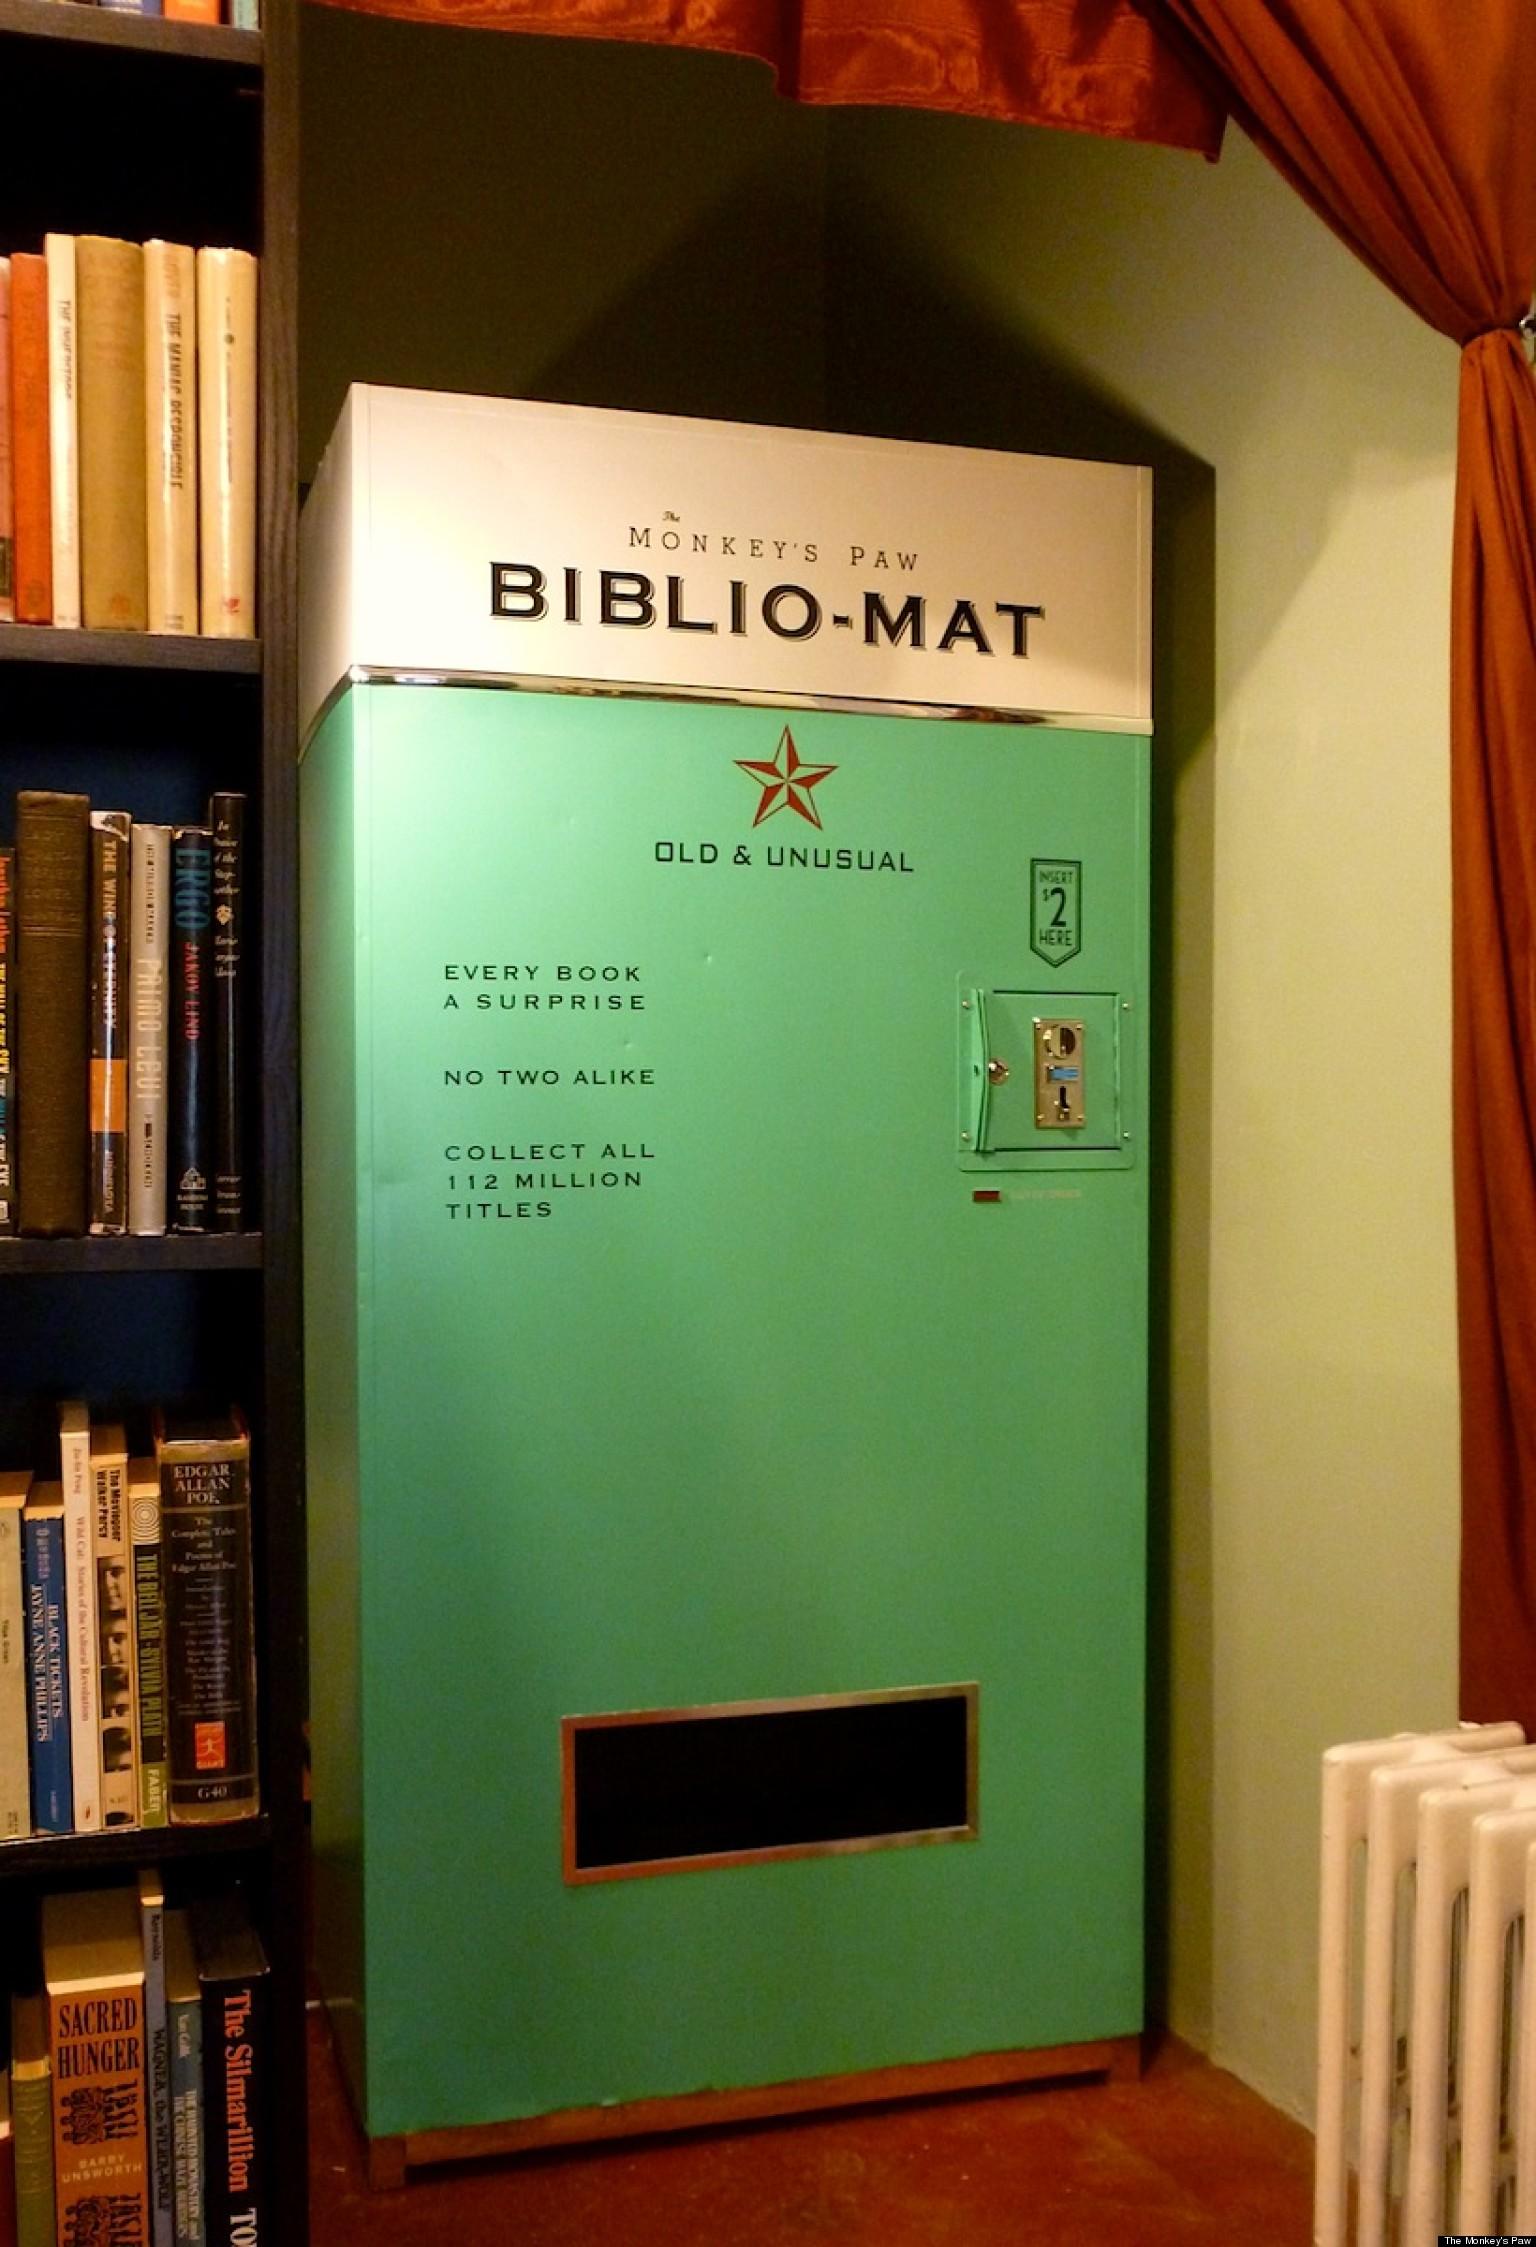 Ce distributeur donne des livres au hasard pour 2$